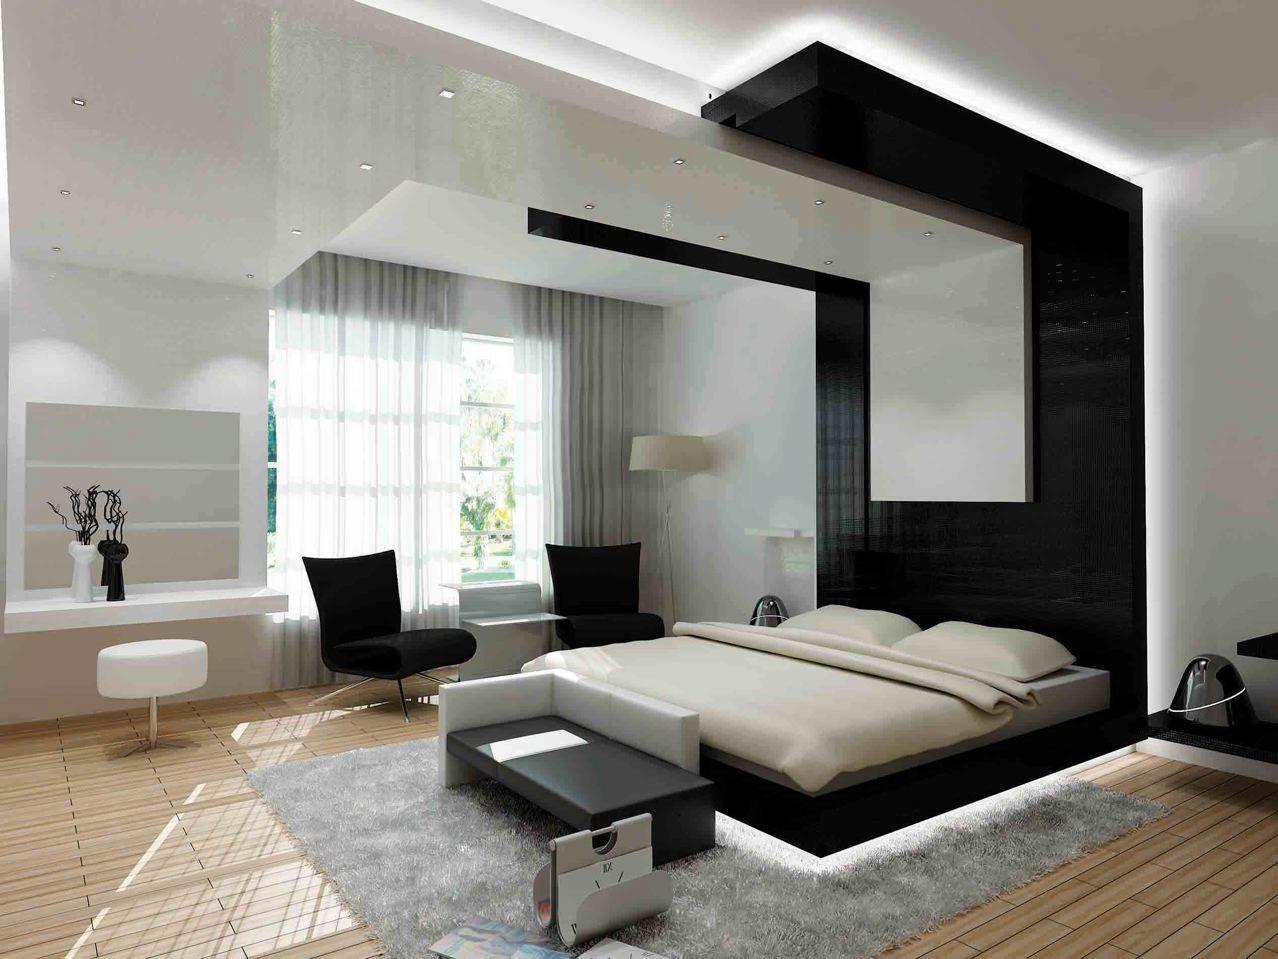 Dormitorio de estilo moderno :: Imágenes y fotos